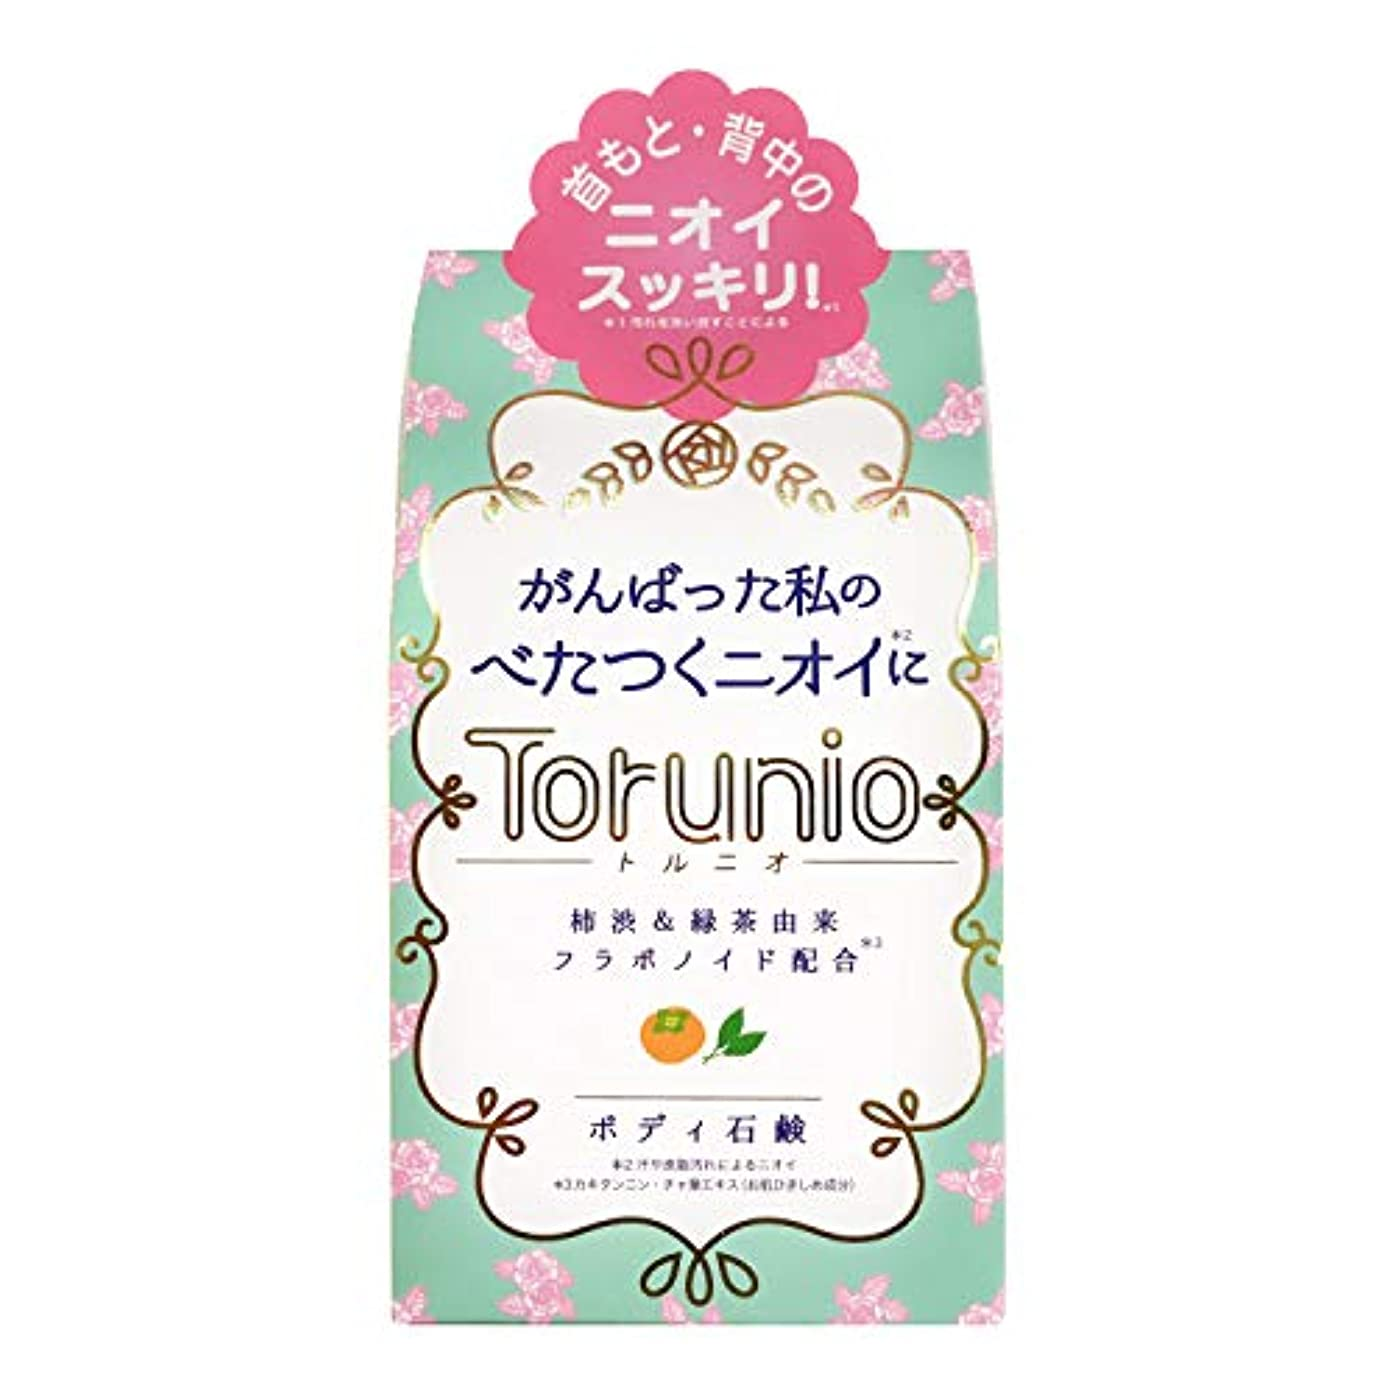 特別なペリスコープ行方不明Torunio(トルニオ)石鹸 100g